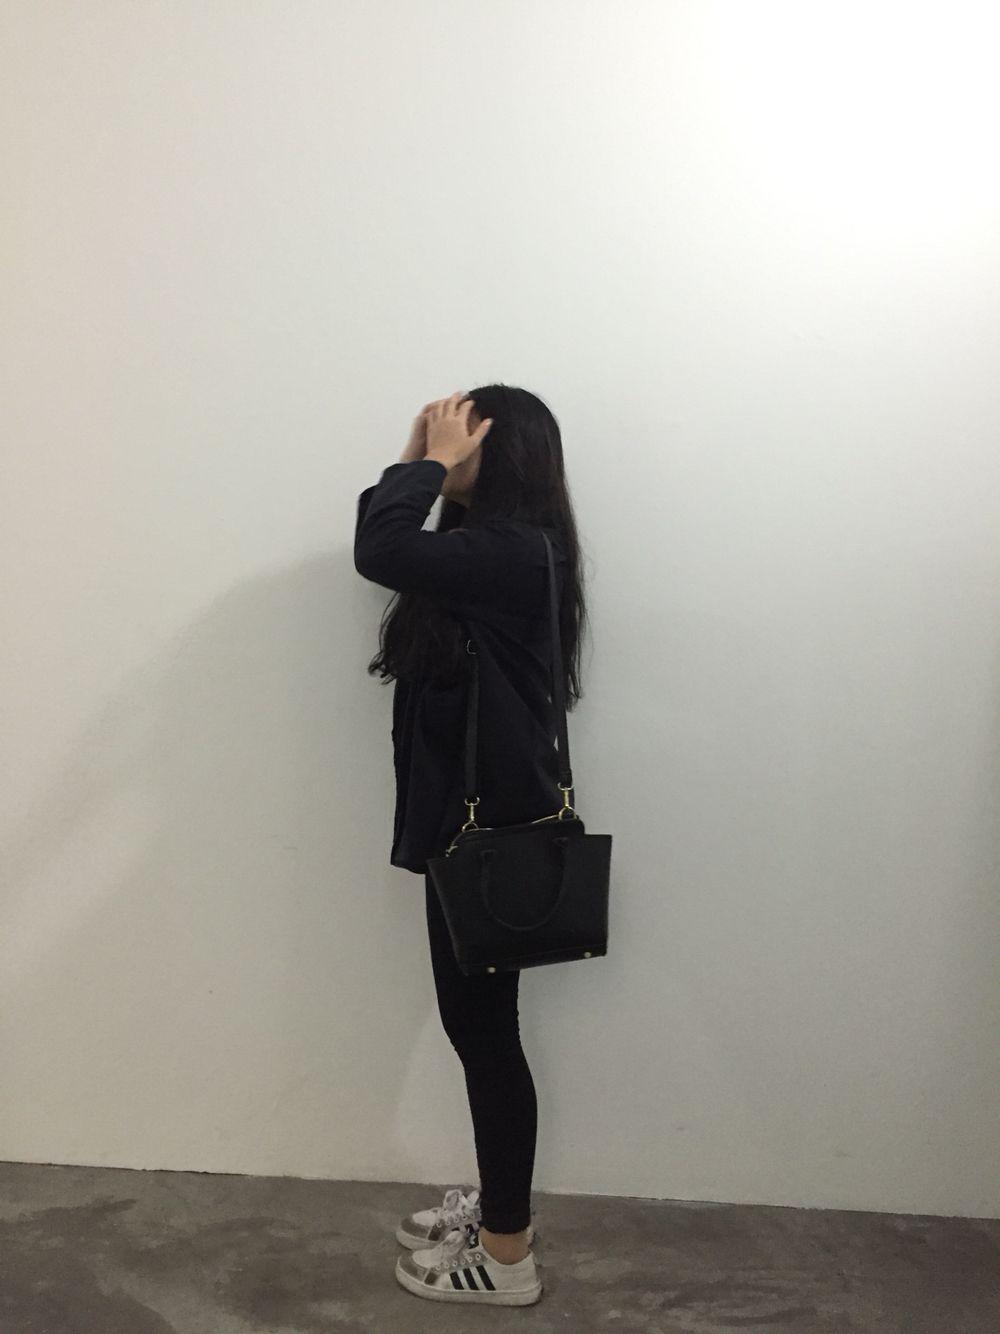 cheaper e8203 f0a43 All black outfit Adidas nizza lo